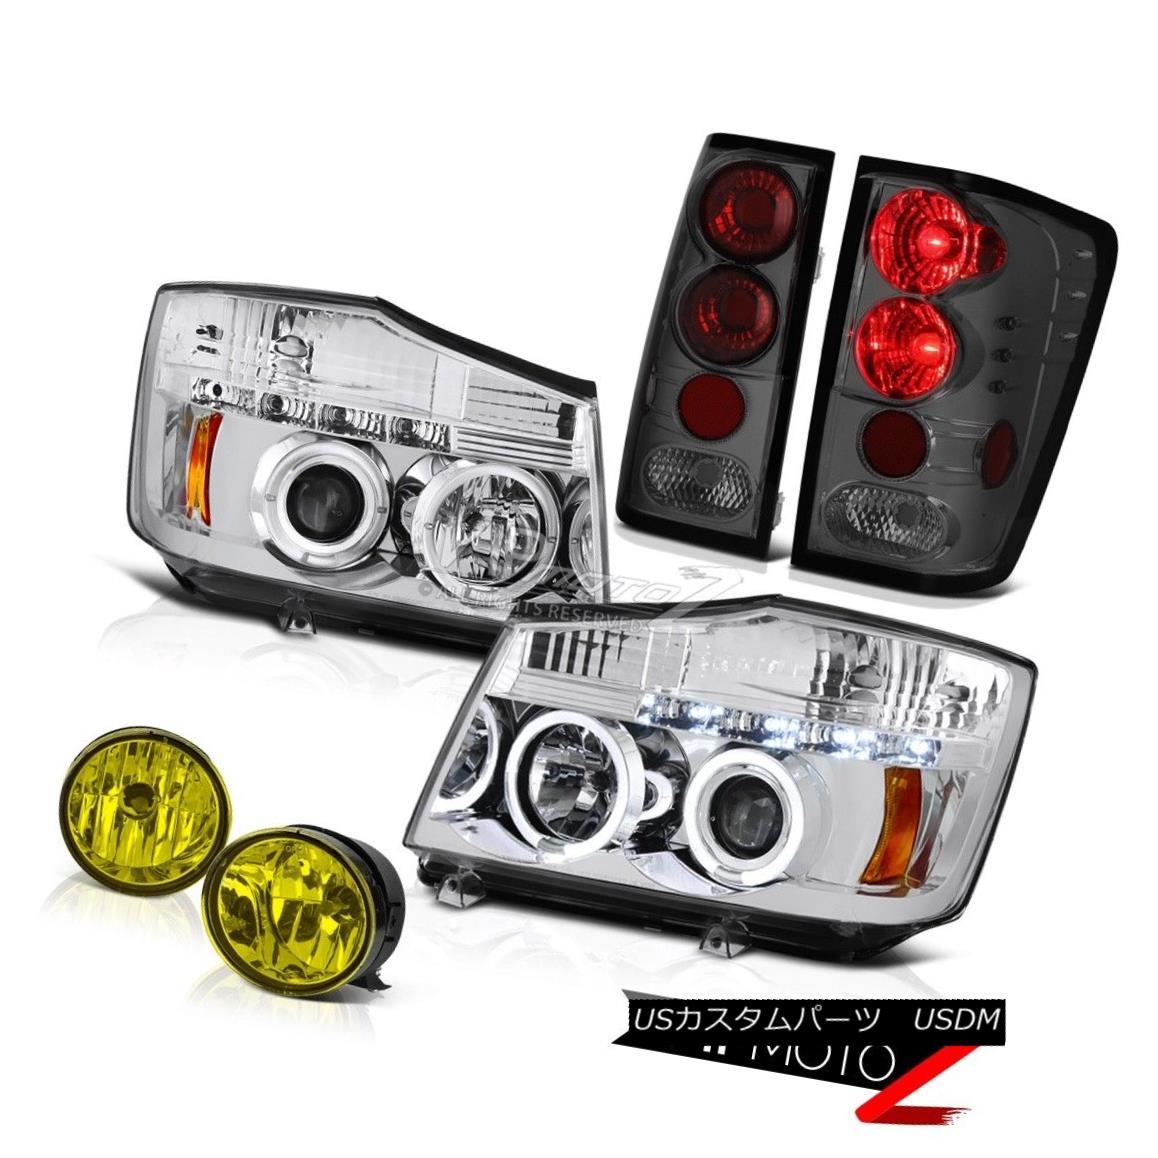 テールライト For 2004-2015 Titan Pro-4X Chrome Angel Eye Headlight Brake Tail Lamp Yellow Fog 2004年?2015年Titan Pro-4Xクロームエンジェルアイヘッドライトブレーキテールランプイエローフォグ